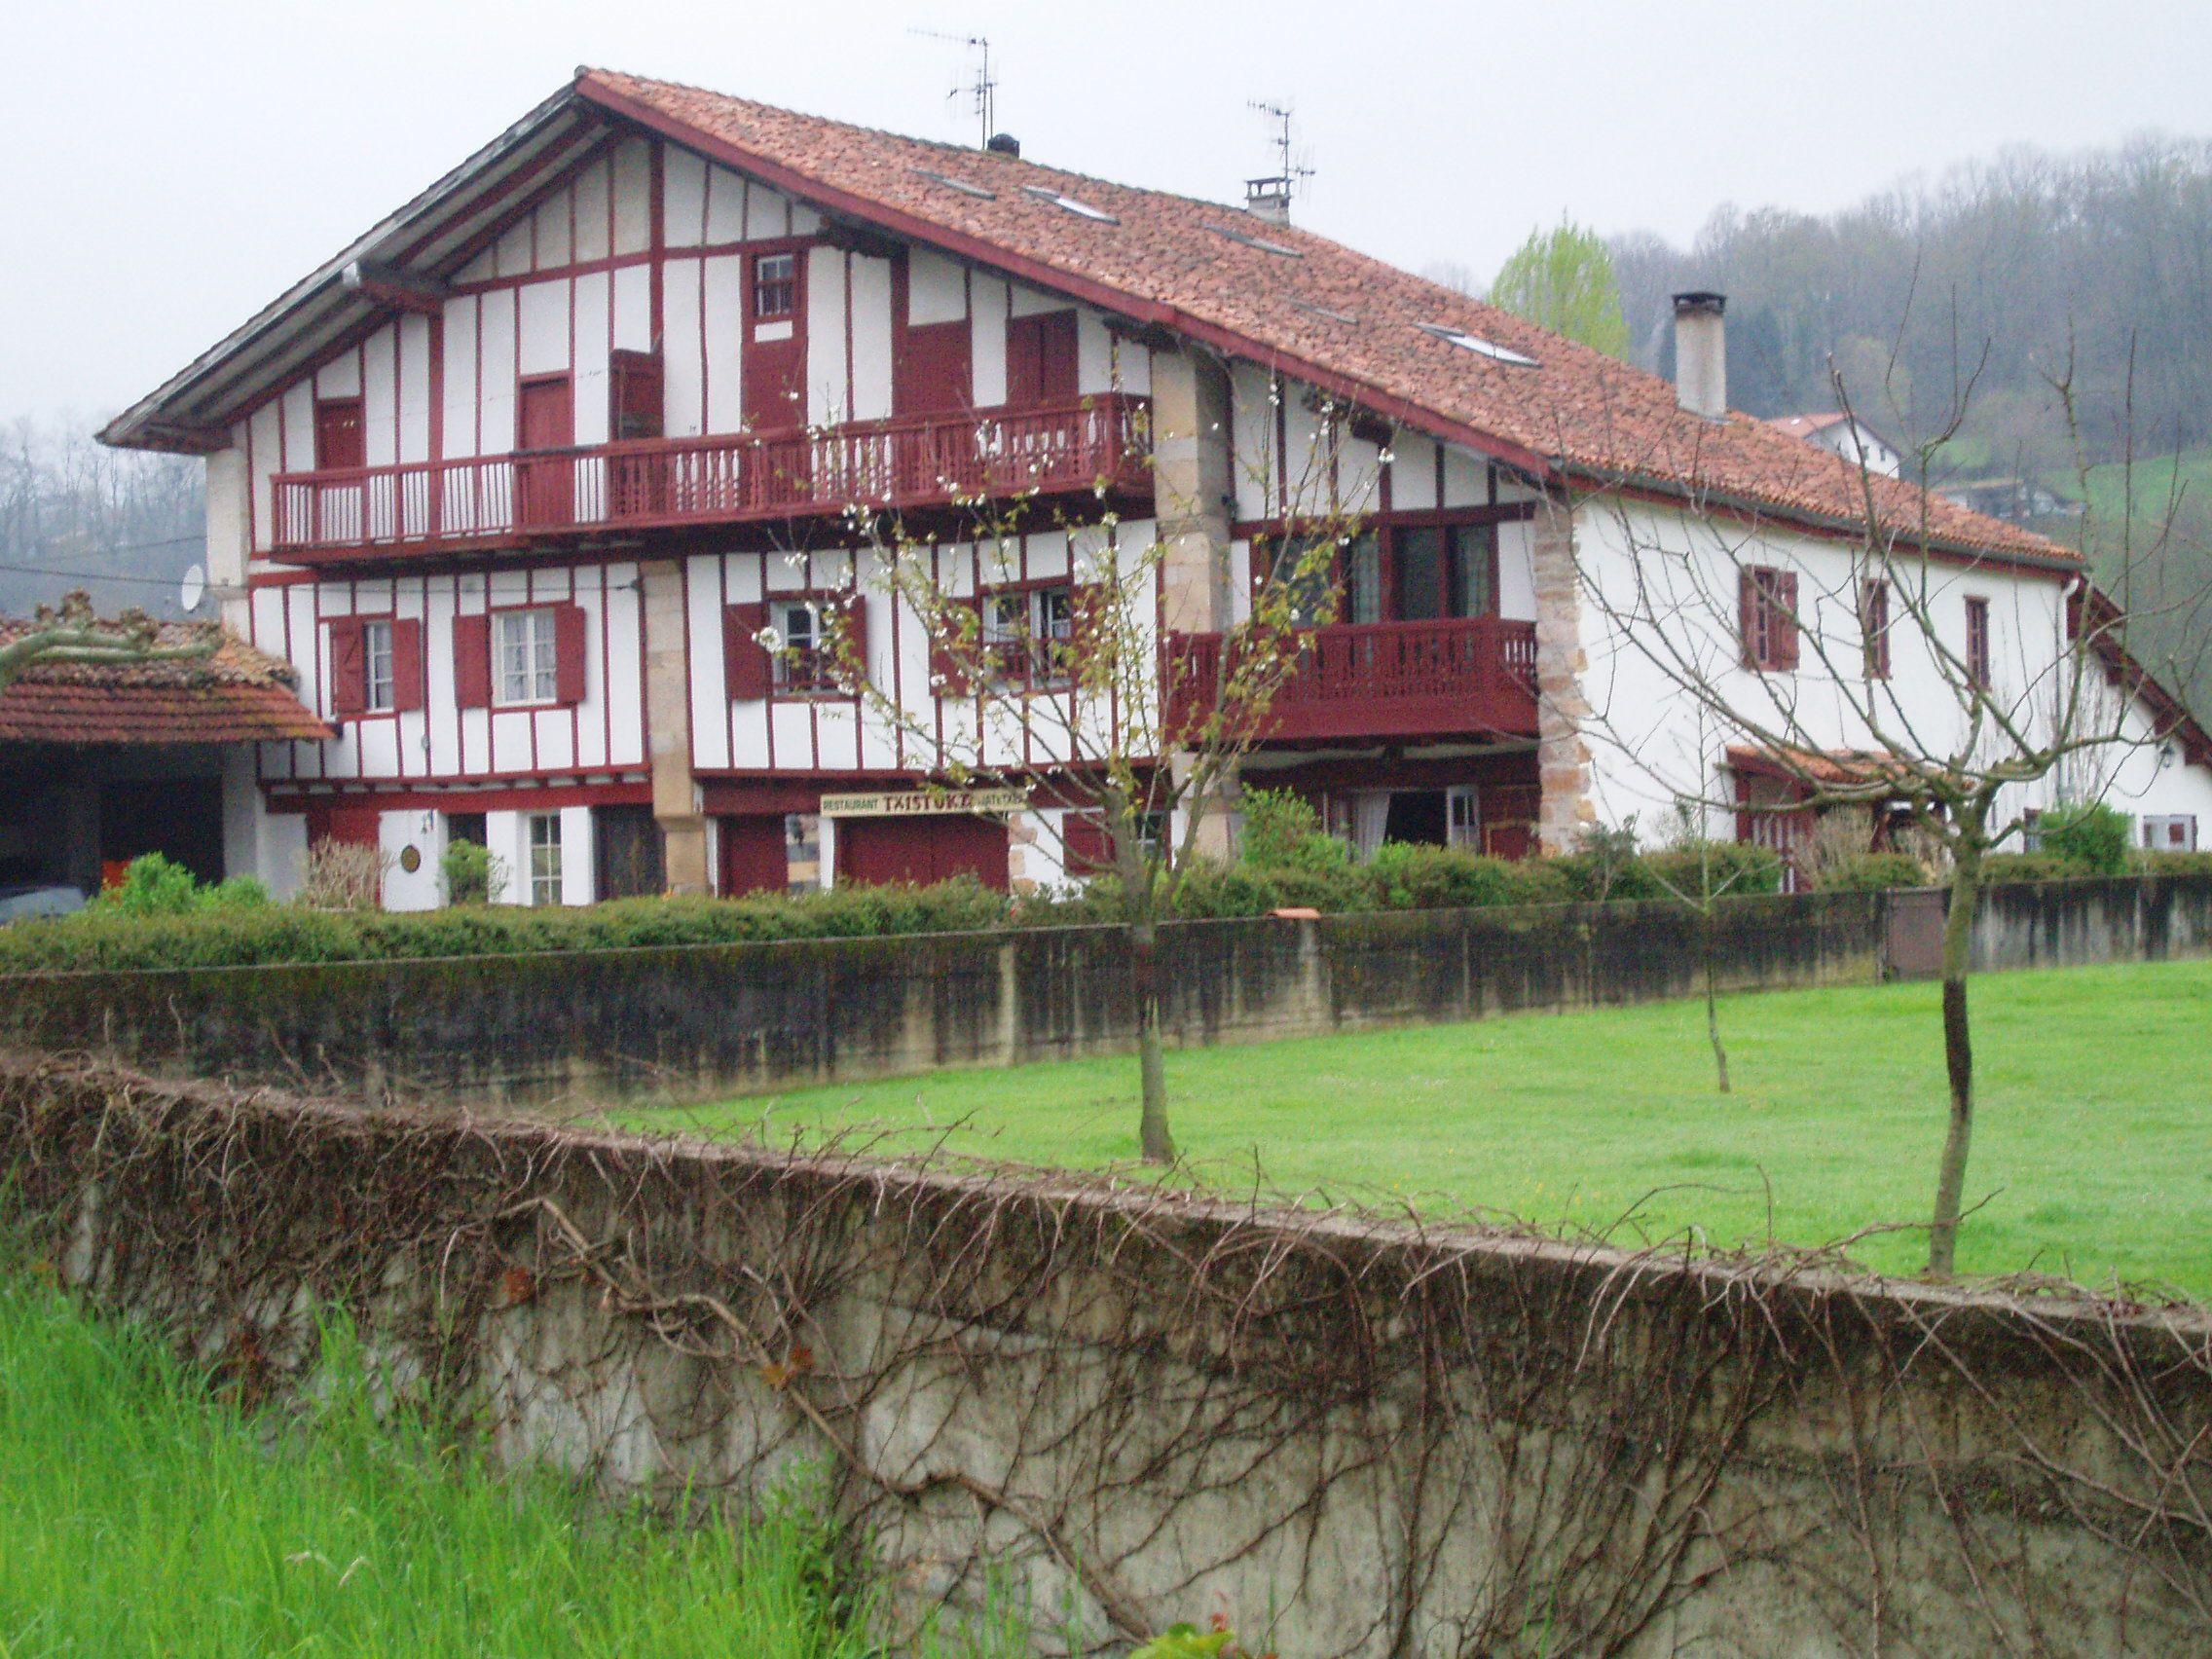 une ferme basque pays basque francais et espagnol pinterest basque ferme et hossegor. Black Bedroom Furniture Sets. Home Design Ideas